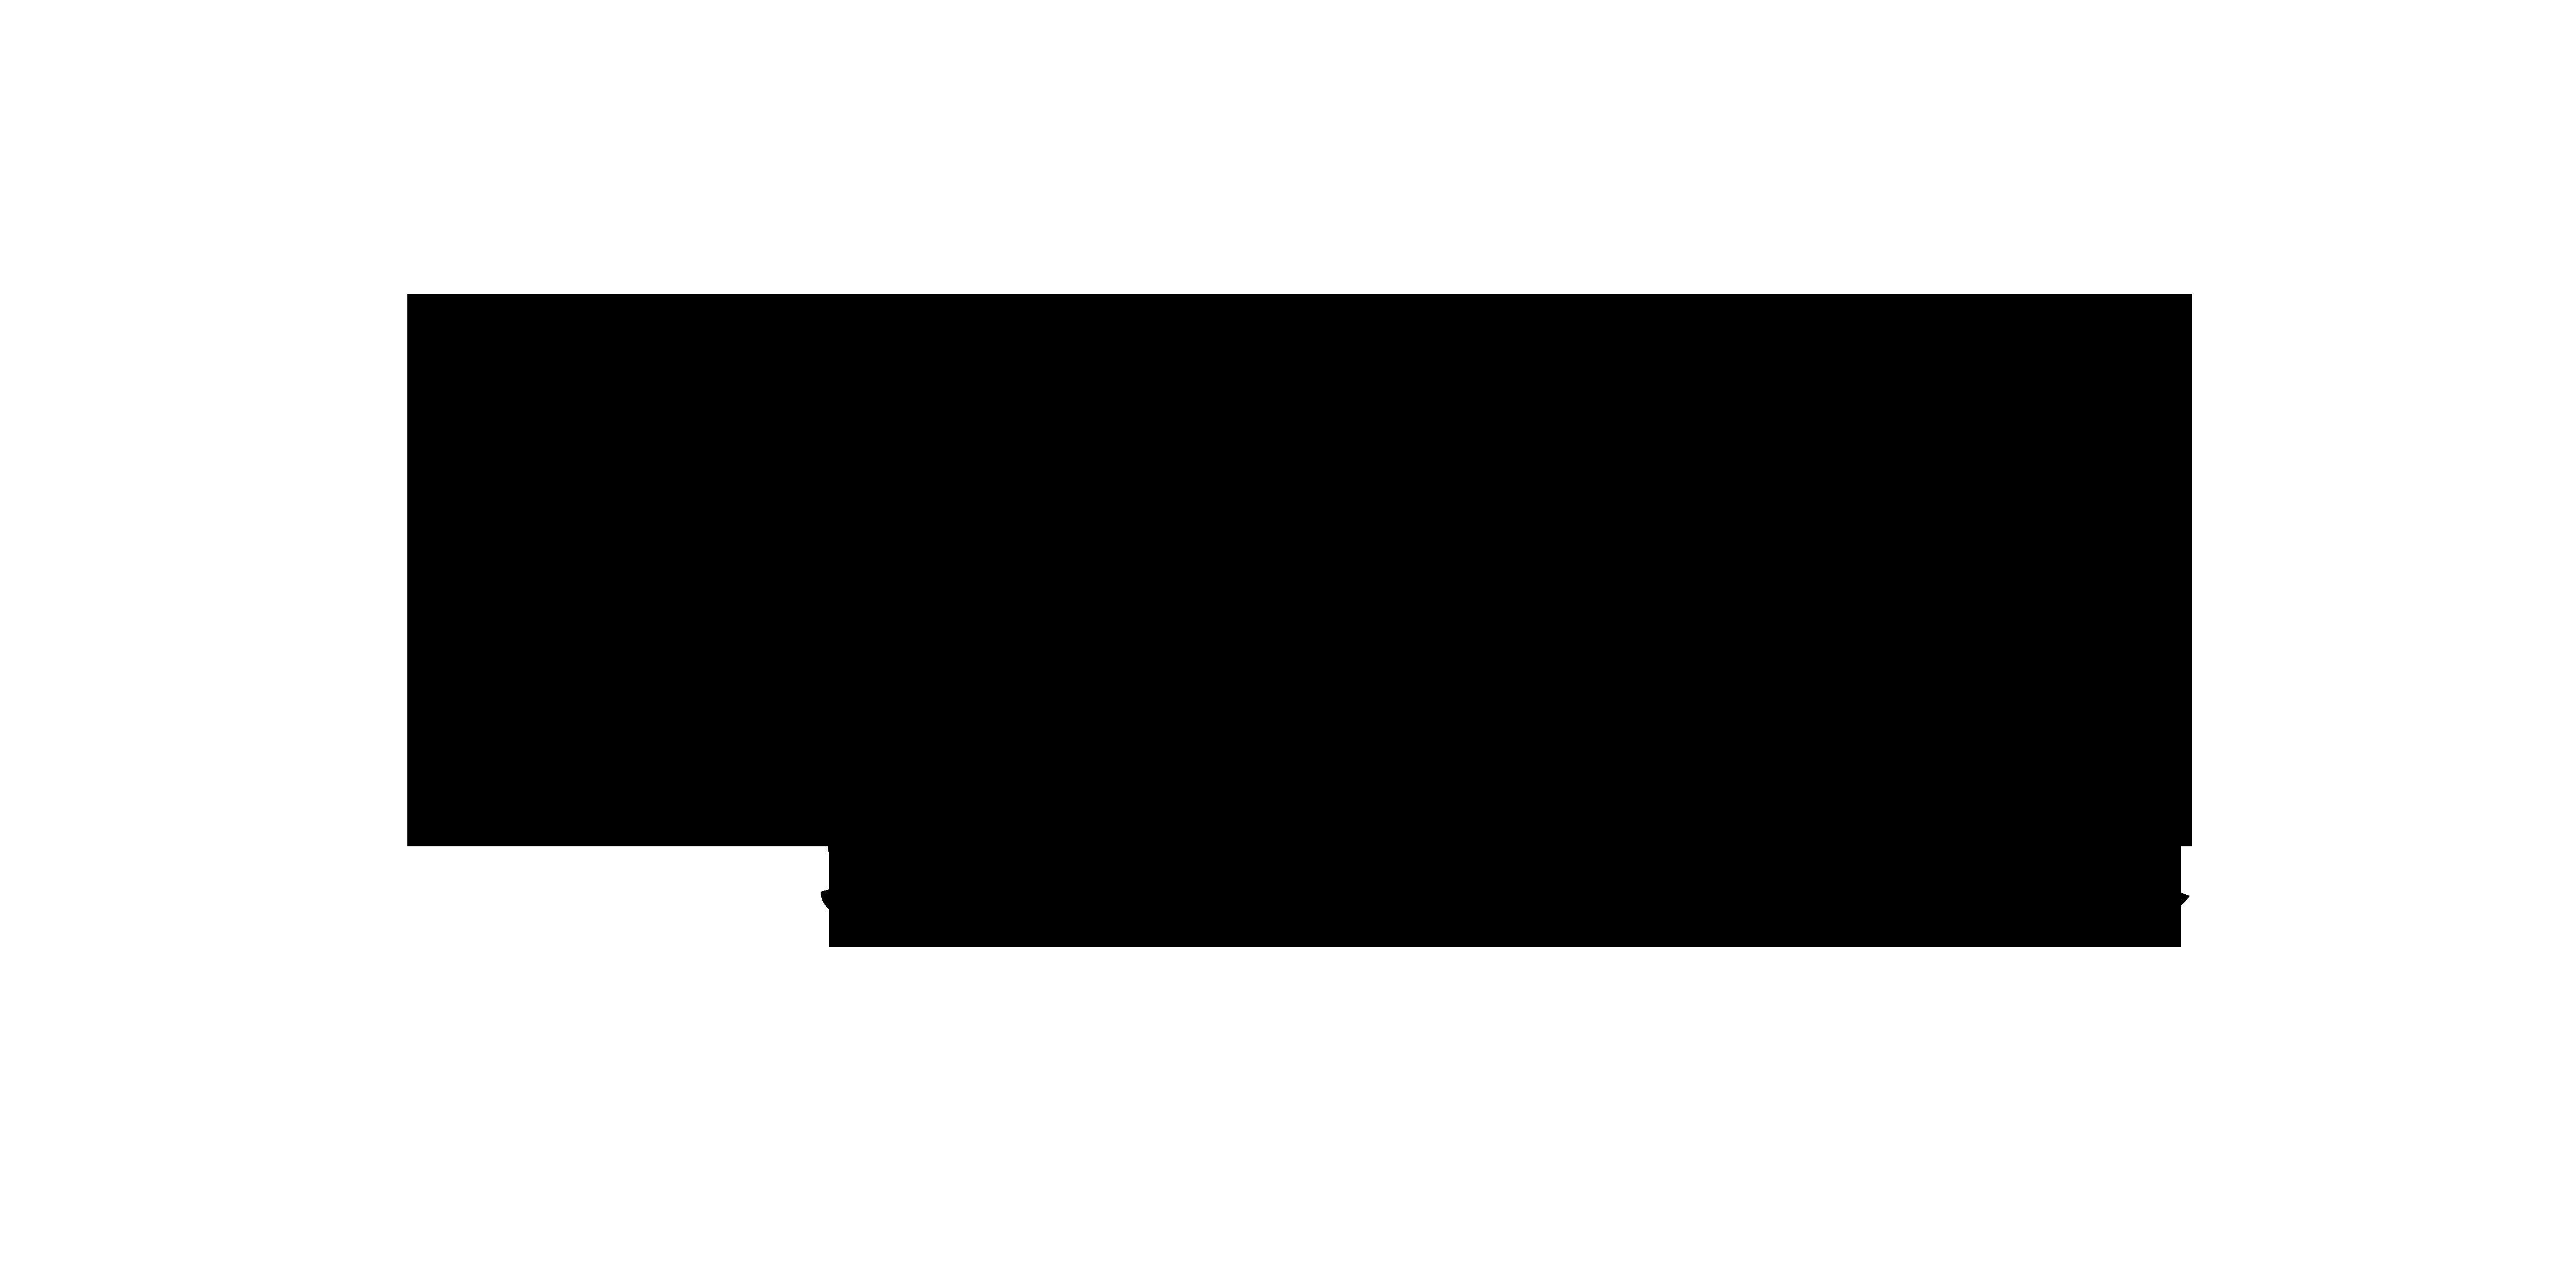 logo ryczka studio kreatywne producent ręcznie szytych eko torebek z kraft papieru washpapa